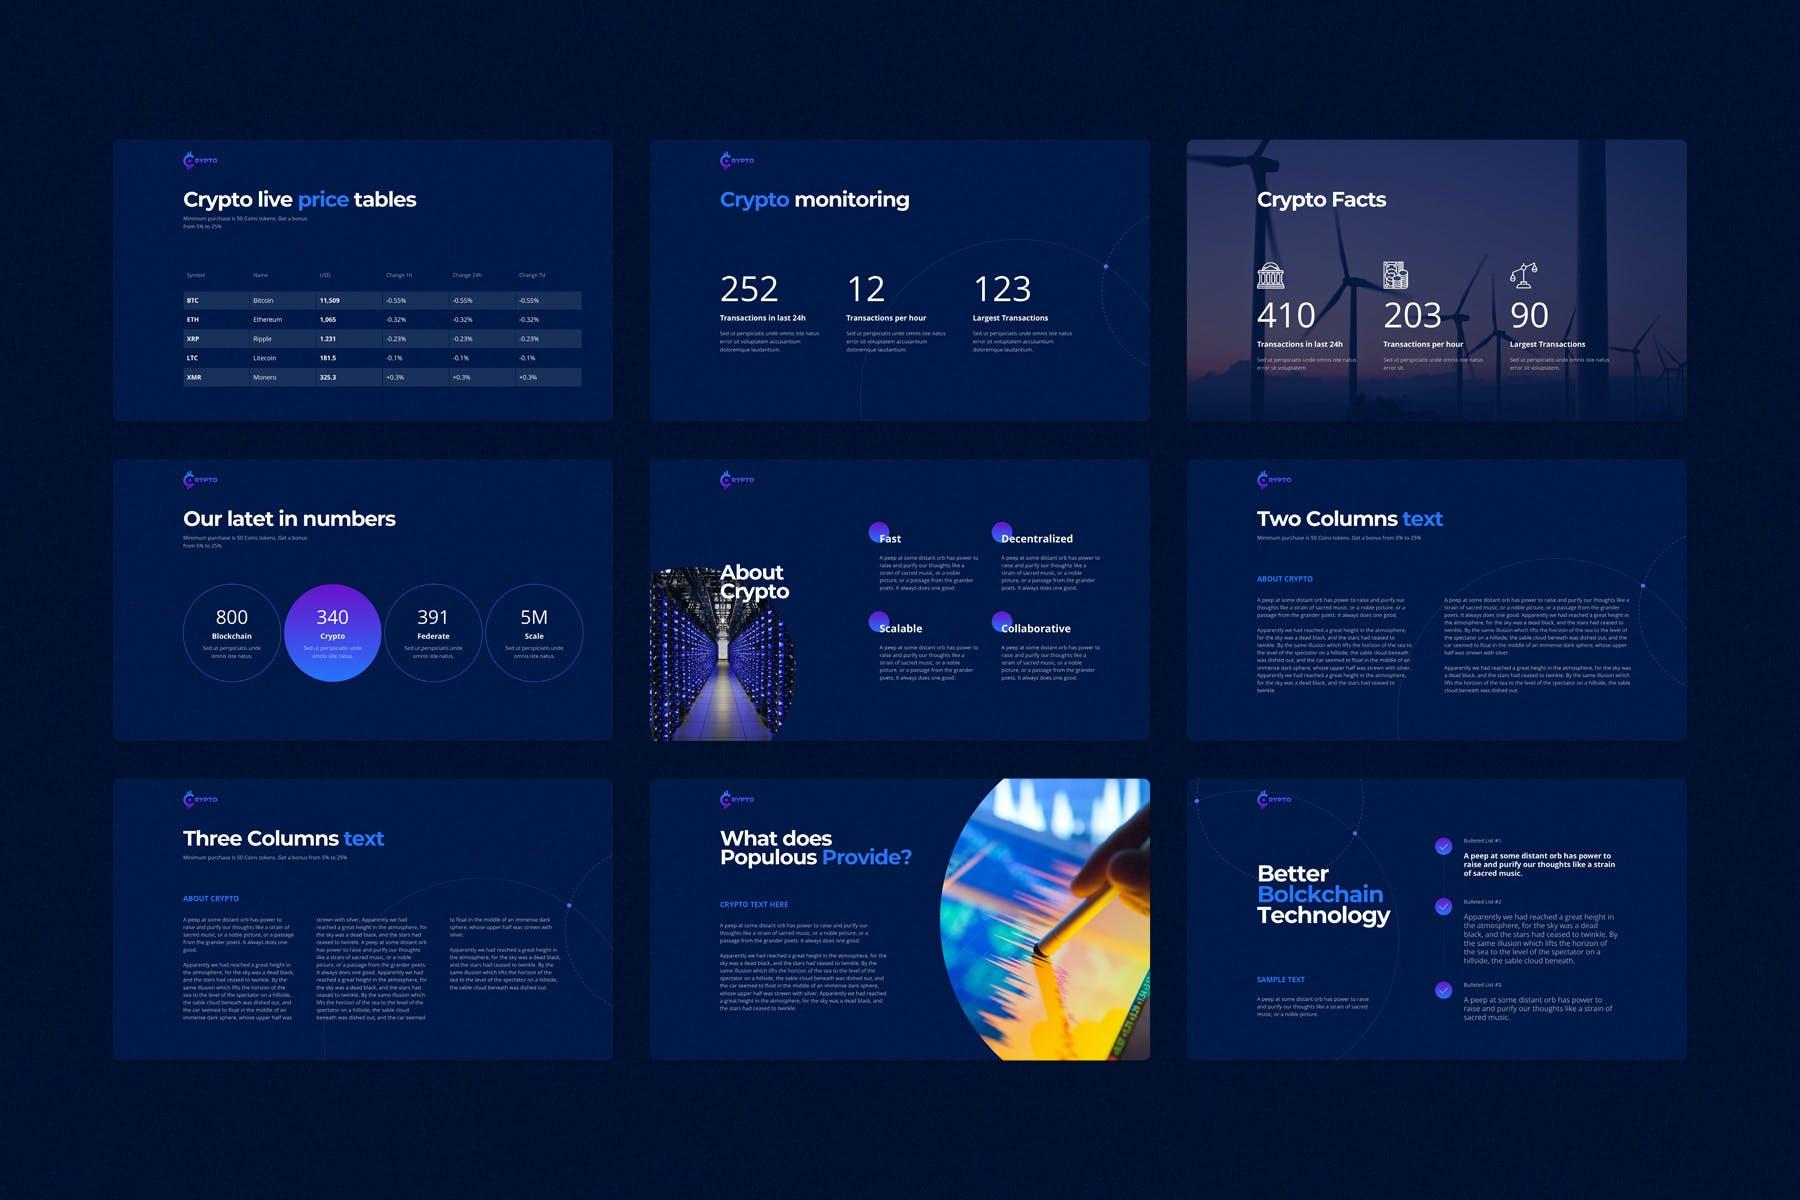 行业研究公司业务介绍图表设计幻灯片模板 CRYPTO Powerpoint Template插图(4)